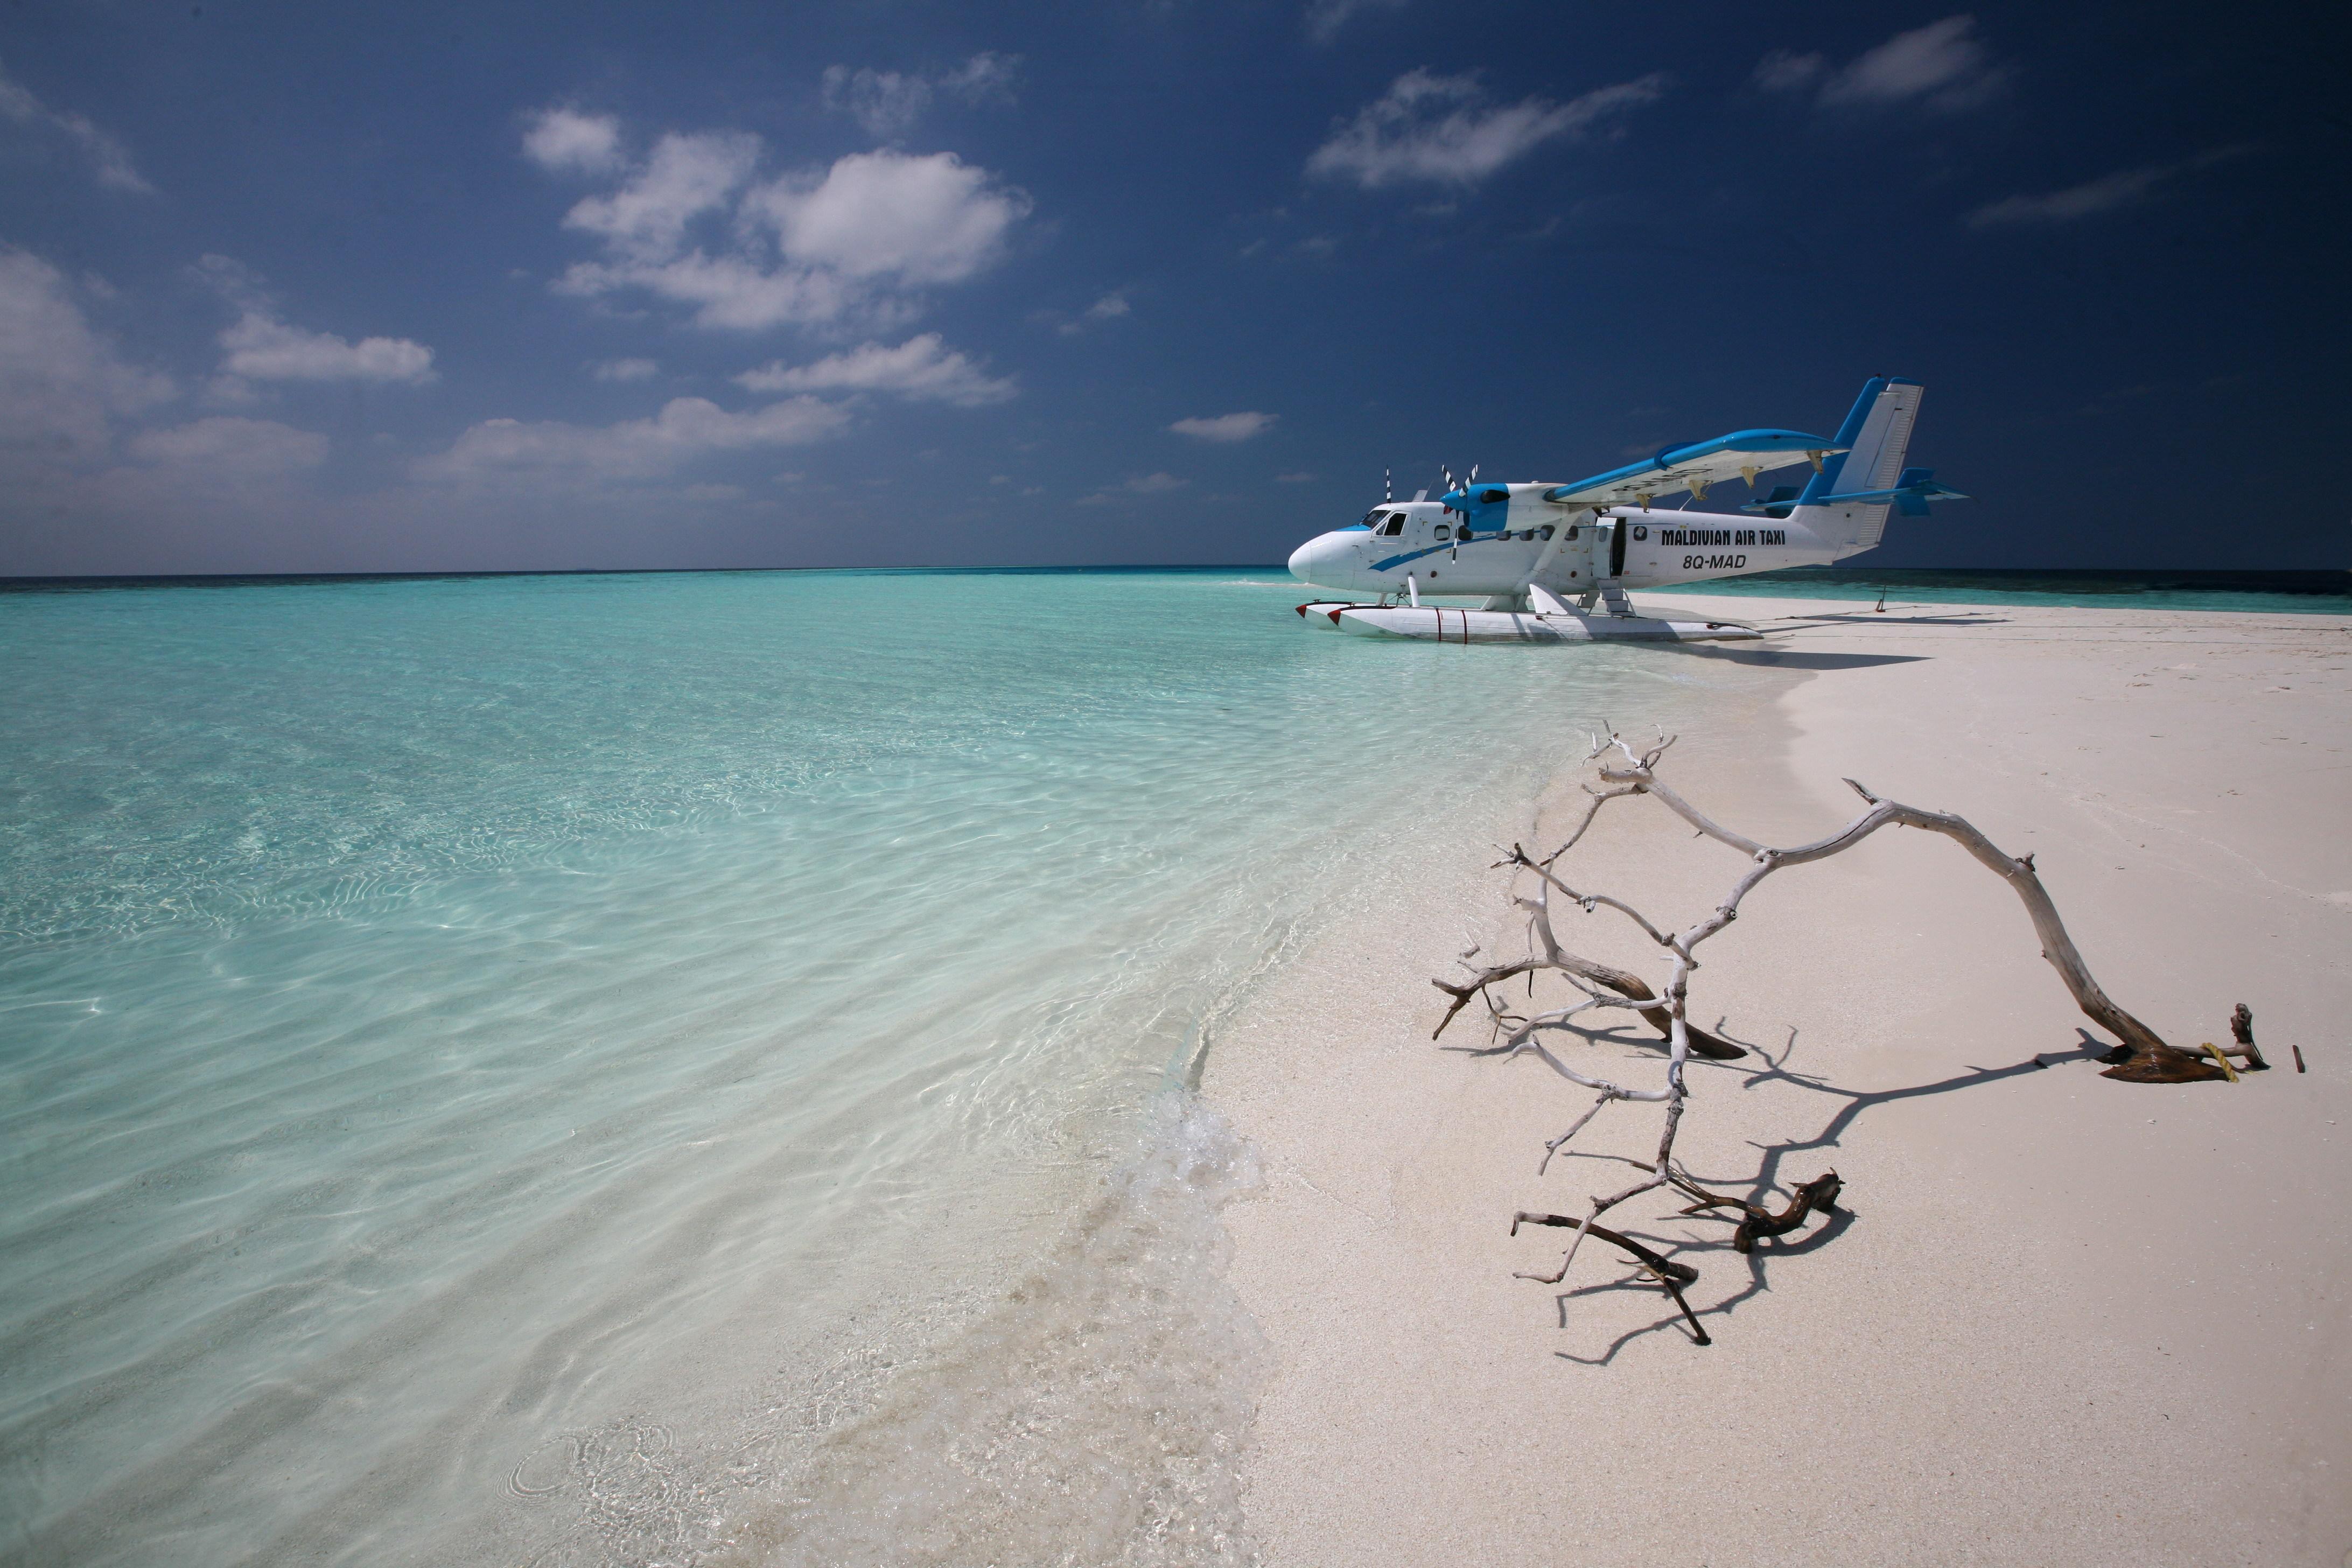 Мальдивы, такси, самолет, океан обои скачать